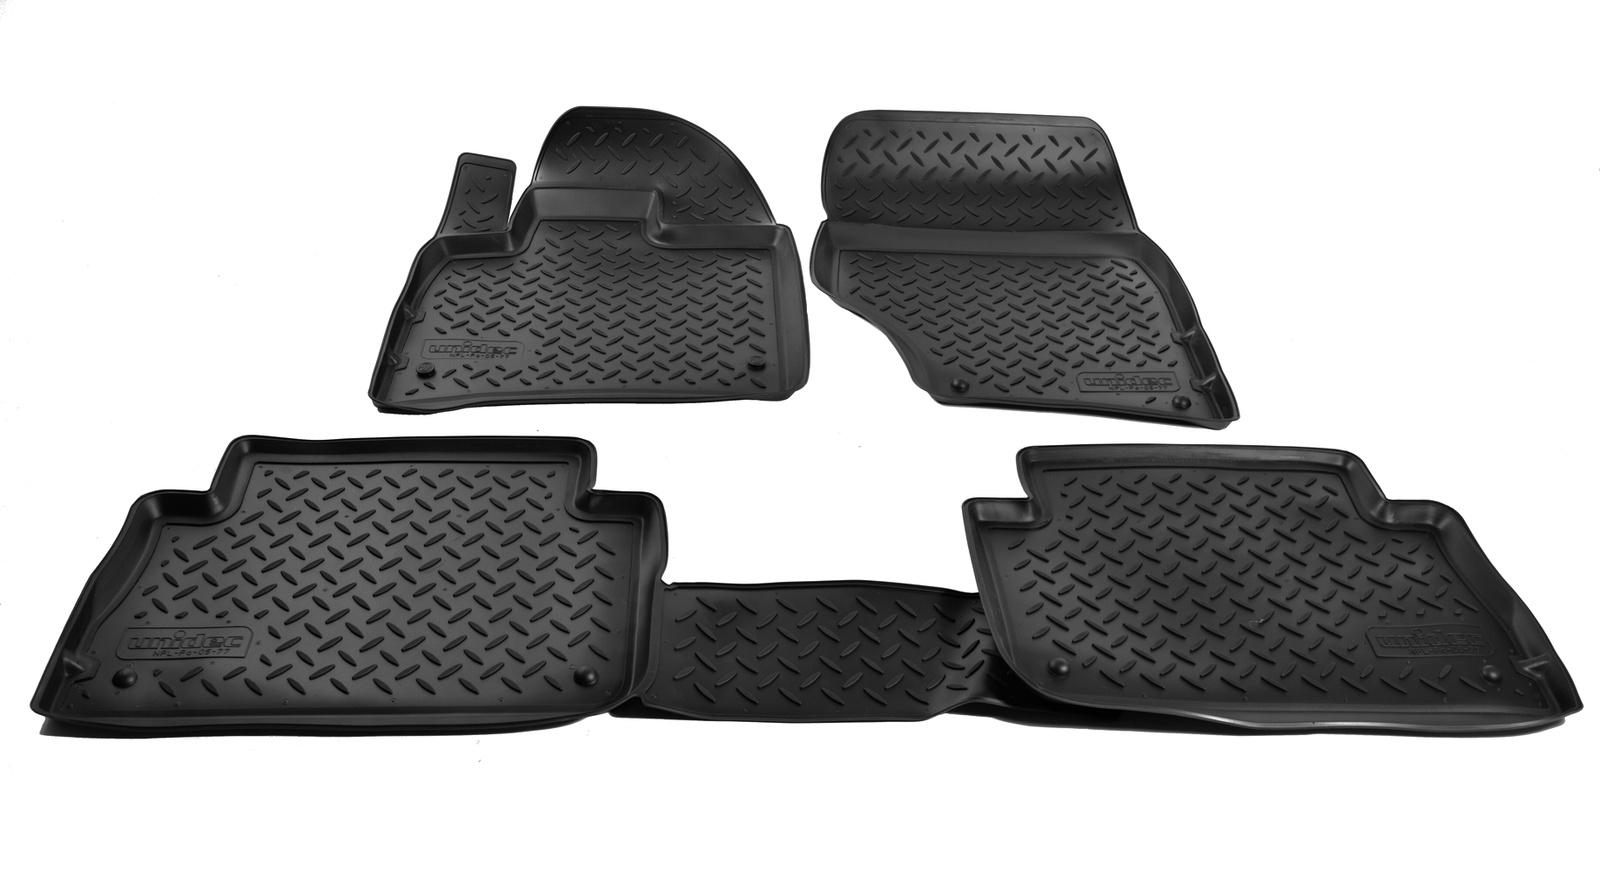 Коврики в салон автомобиля Norplast для Audi Q7 4LB 2005, NPL-Po-05-77, черный комплект электрики westfalia audi q7 2006 305500300113